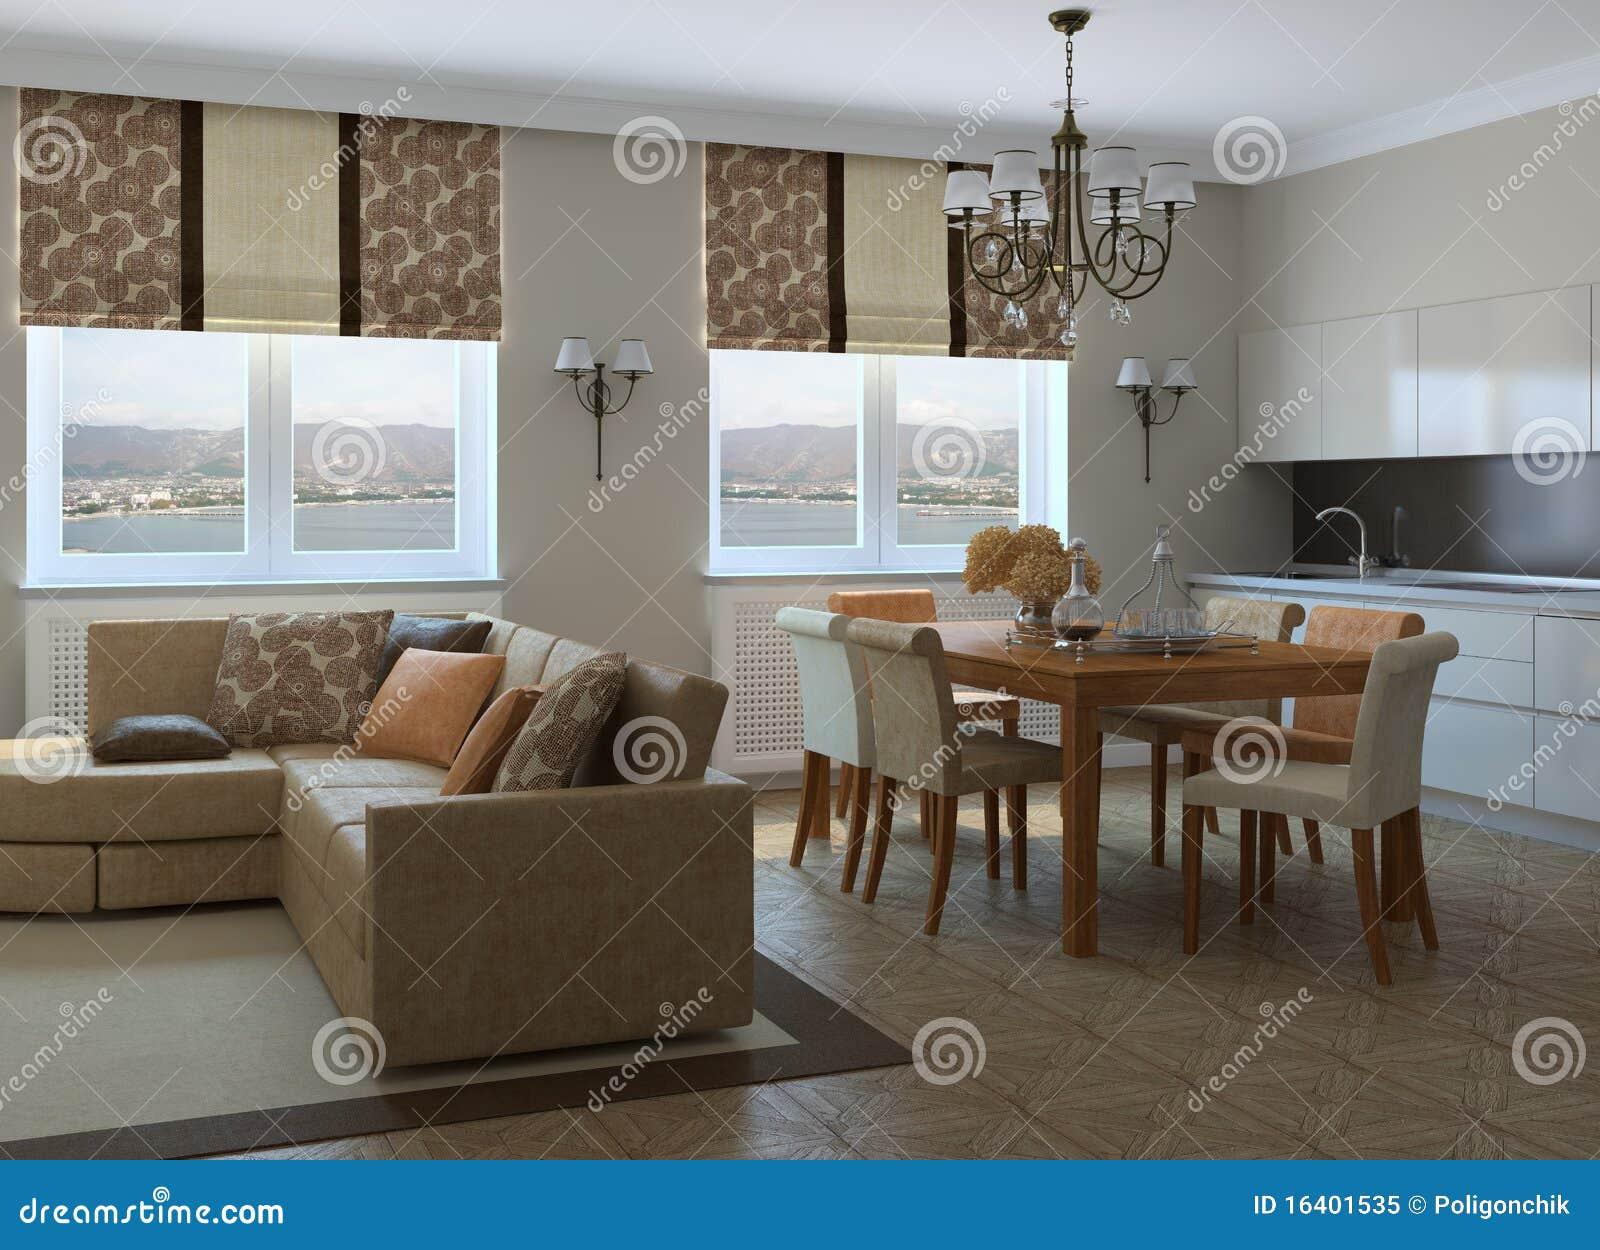 Modernes wohnzimmer lizenzfreies stockfoto bild 16401535 for Wohnzimmer junggeselle